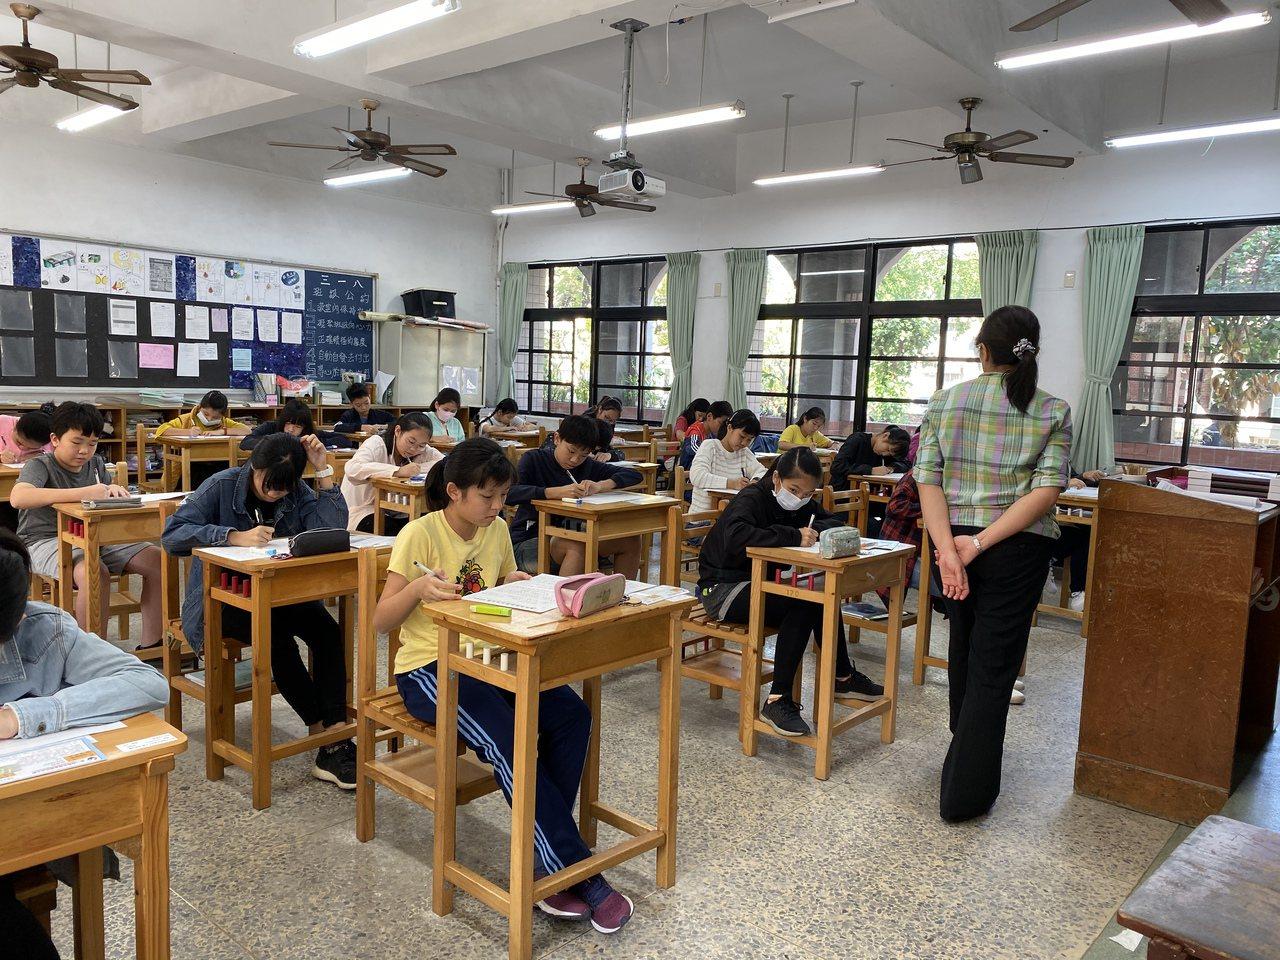 聯合盃作文大賽南區決賽,今天在台南建興國中舉辦,圖文考試情況。記者修瑞瑩/攝影